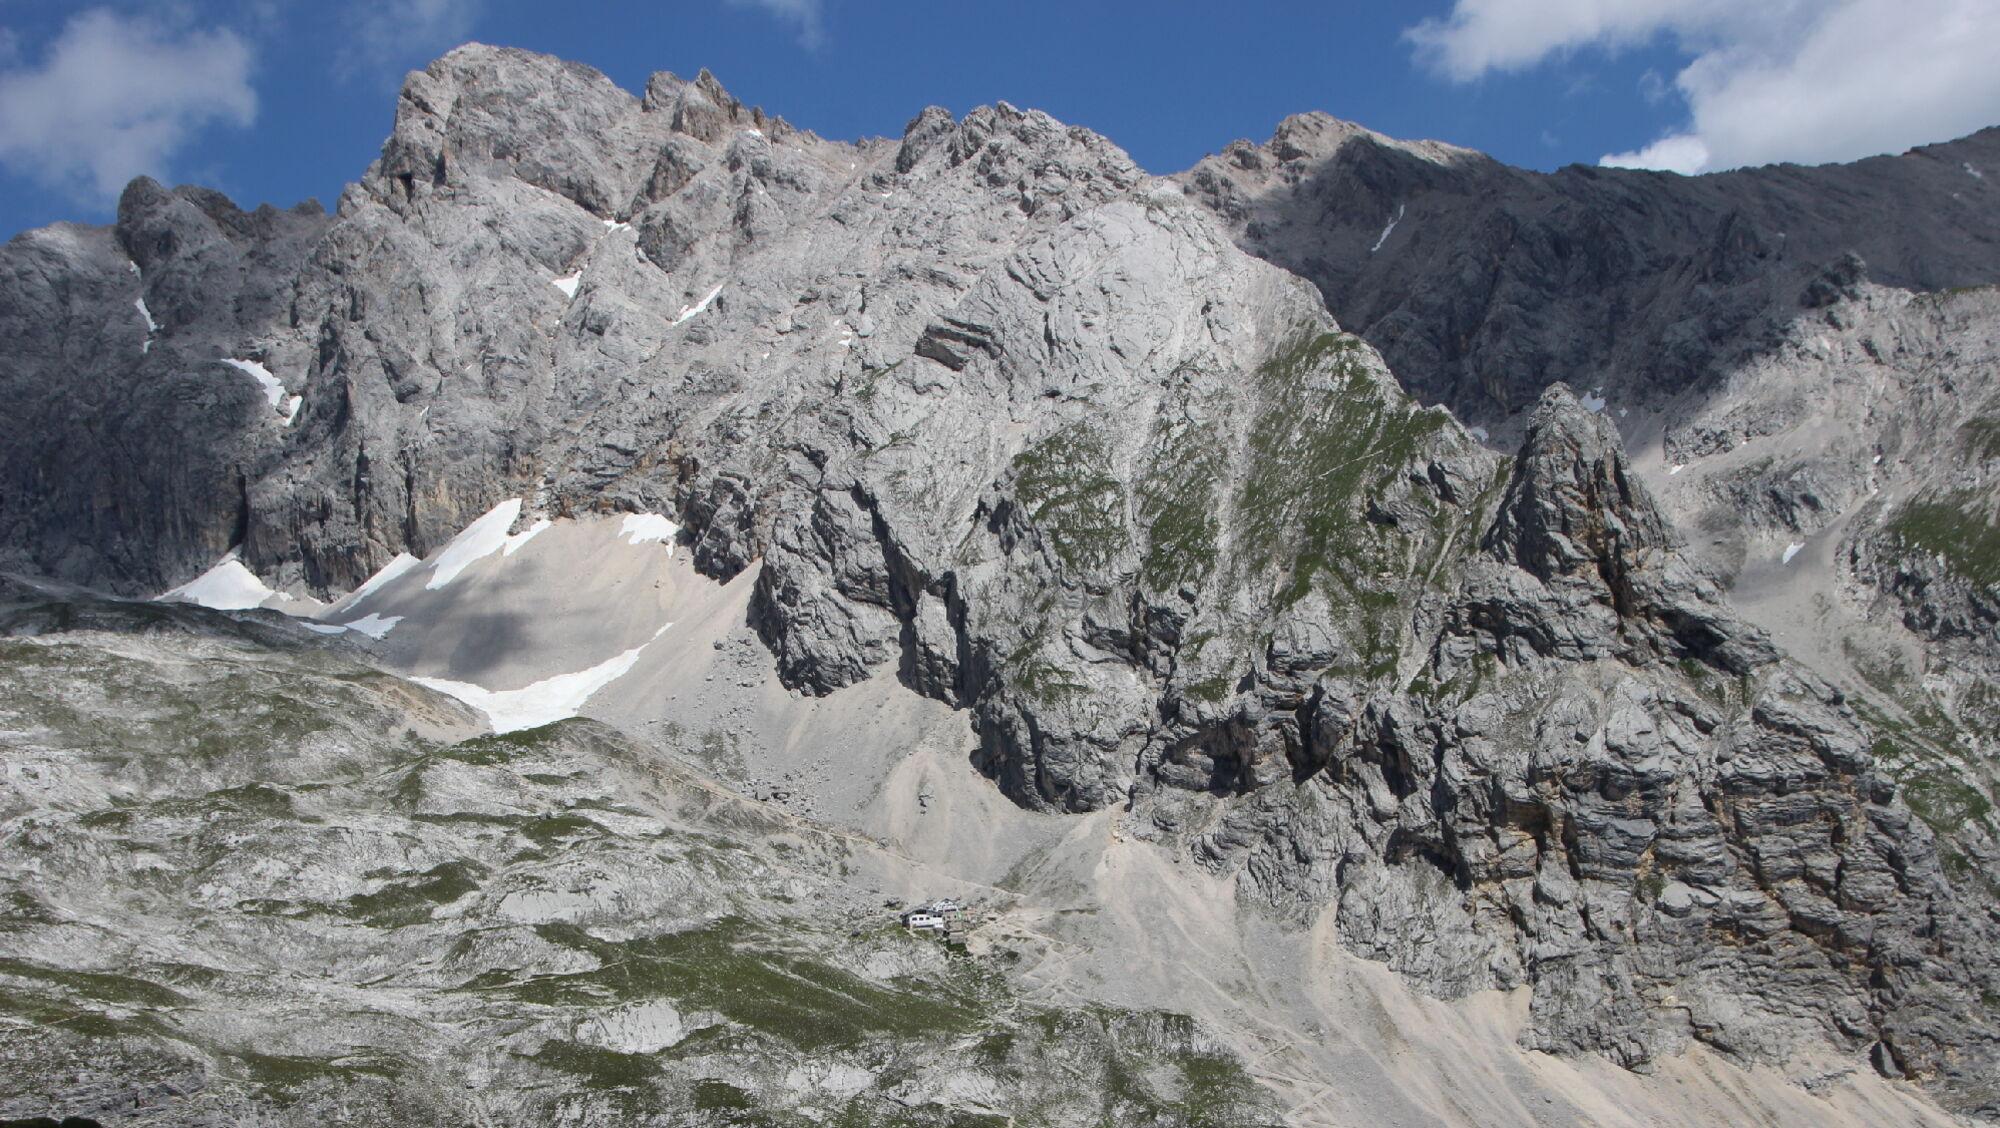 Der Weg zum Gipfel der Zugspitze